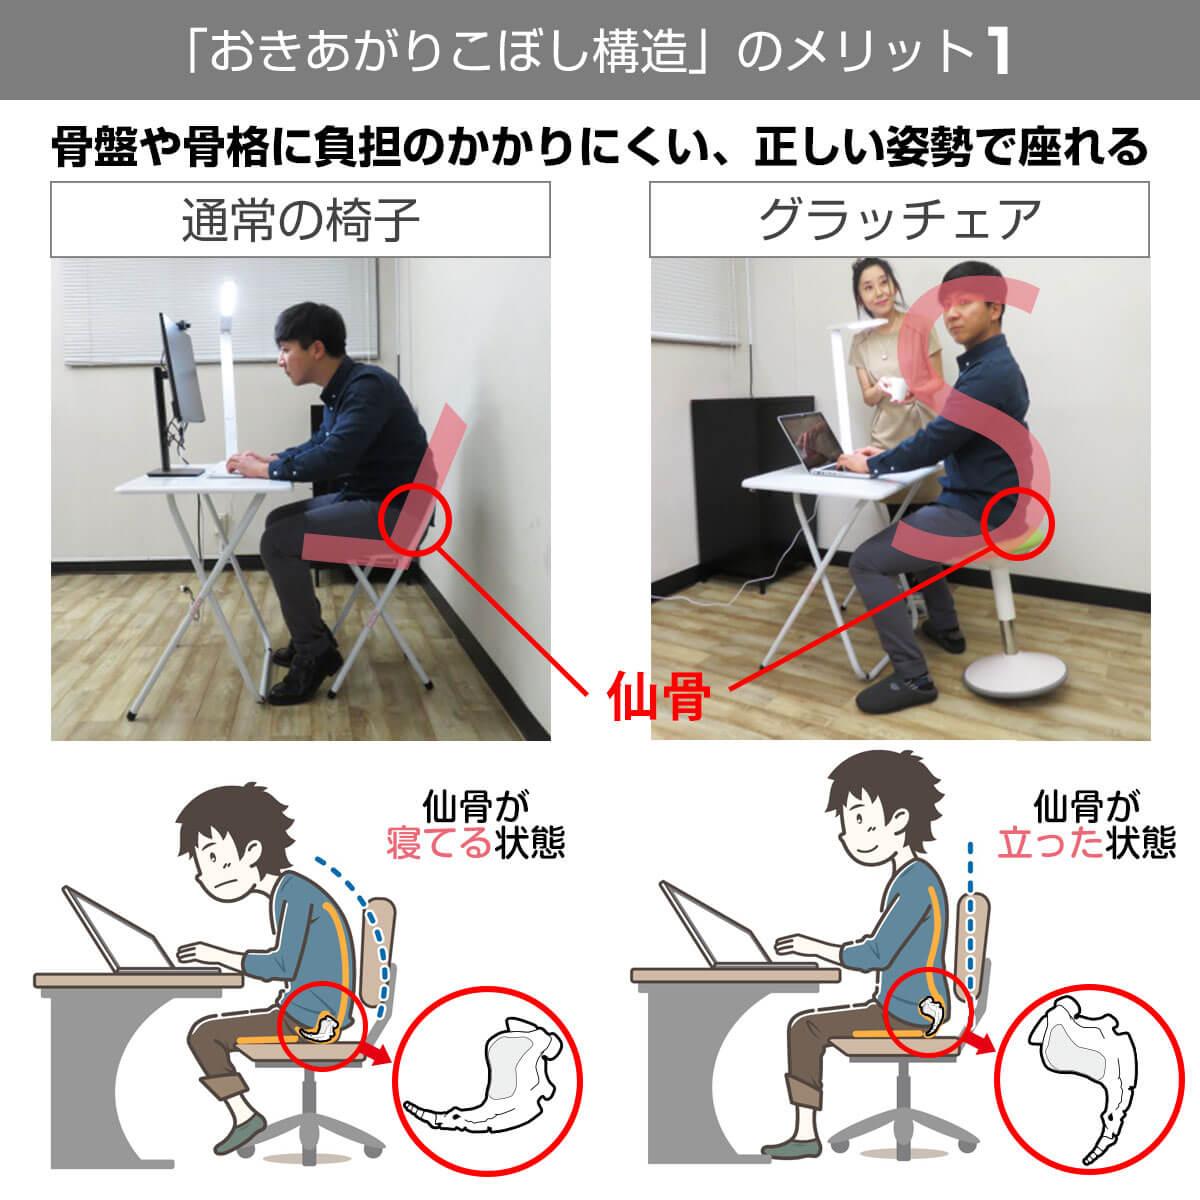 バランスチェア テレワーク 大人 腰痛 子供 姿勢 イージー グラッチェア 椅子 骨盤サポートチェア フィットネスチェア